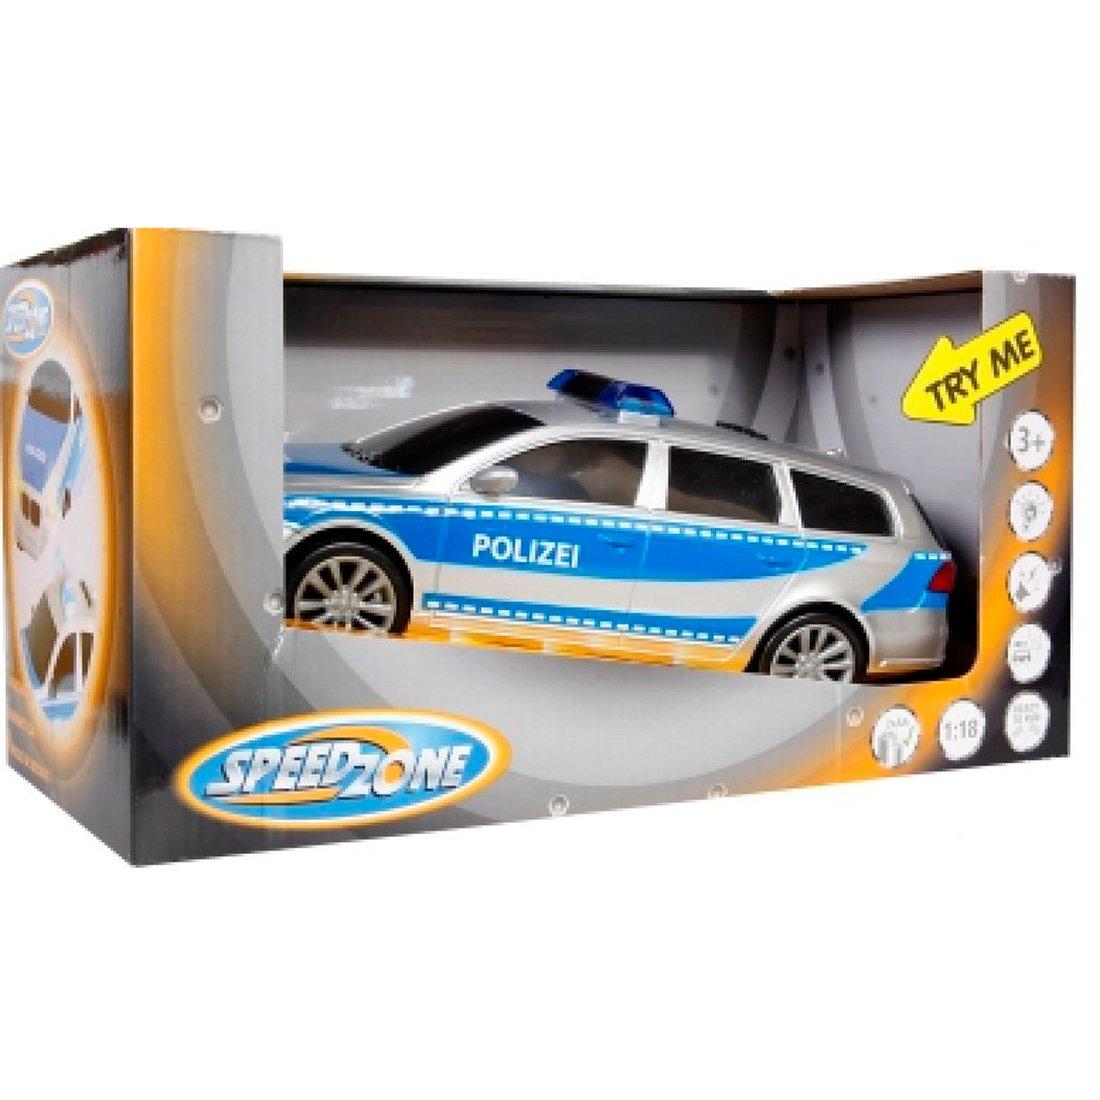 Polizei Einsatzfahrzeug mit Licht und Sound - Speedzone